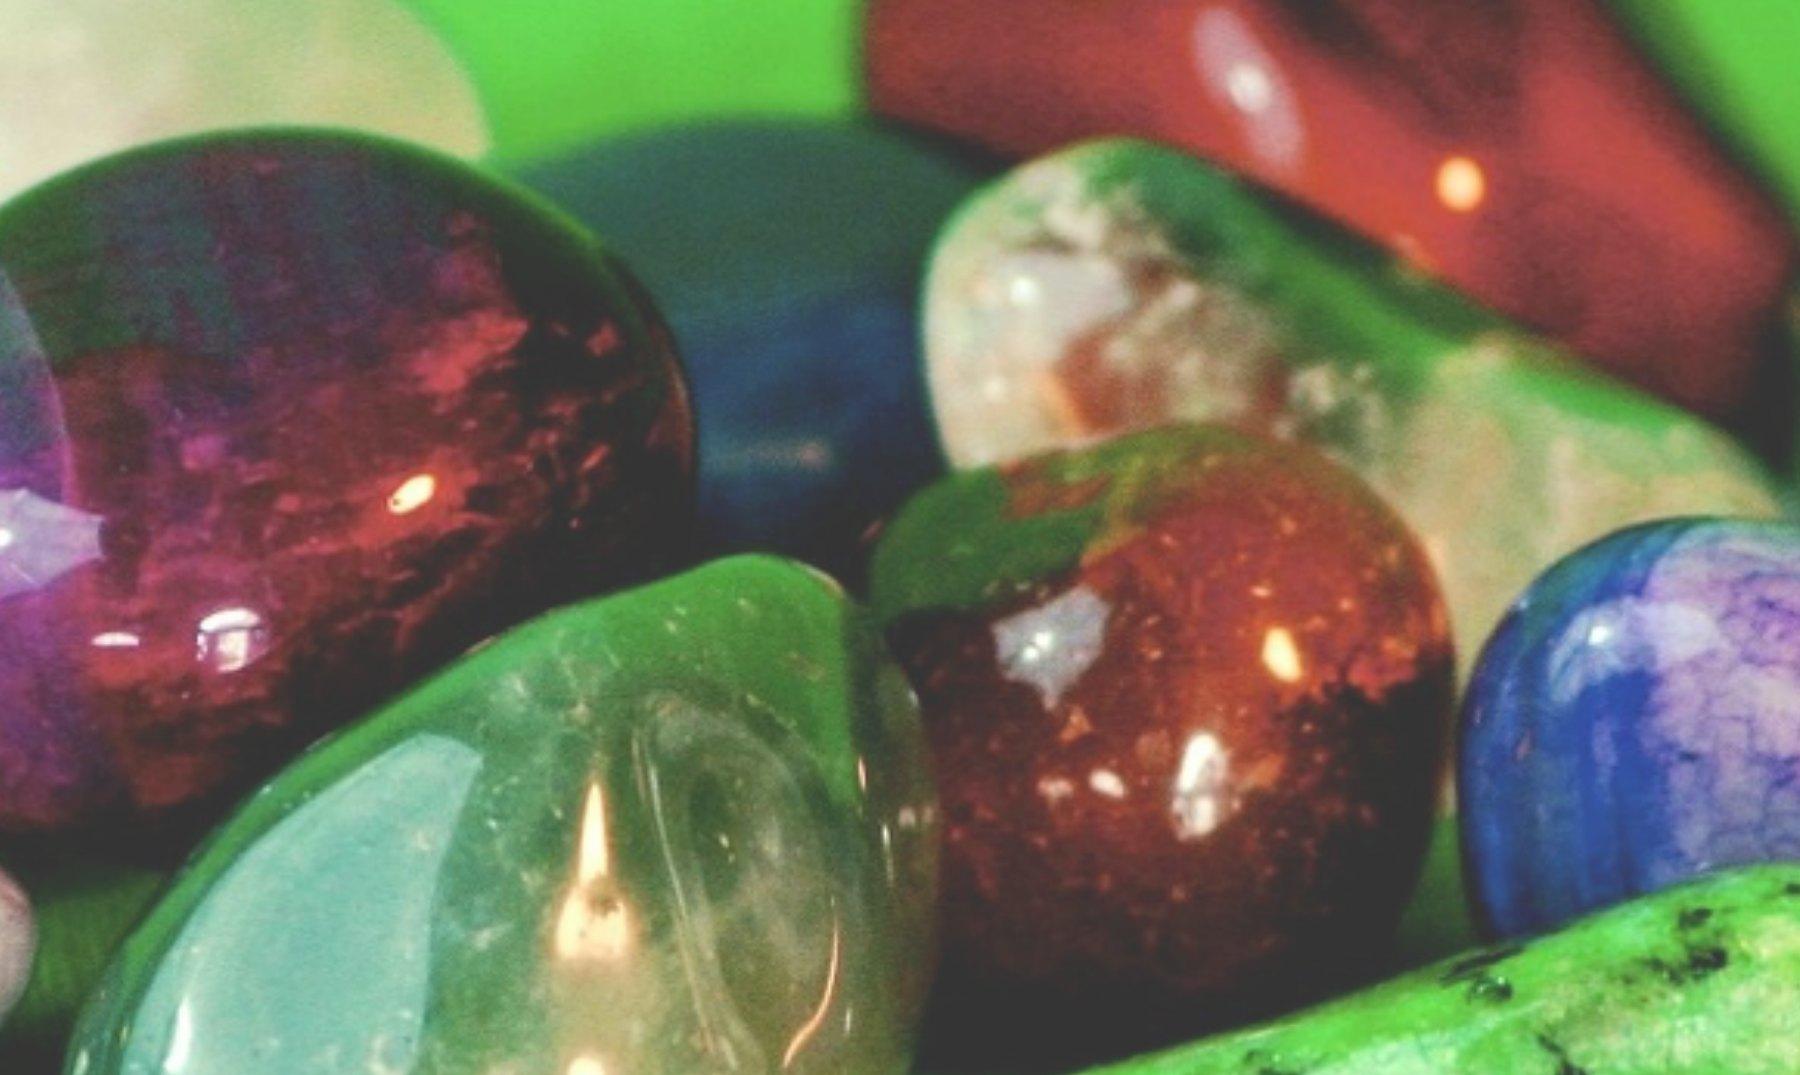 Descubre cu l es tu piedra preciosa y su significado for Cual es el color piedra